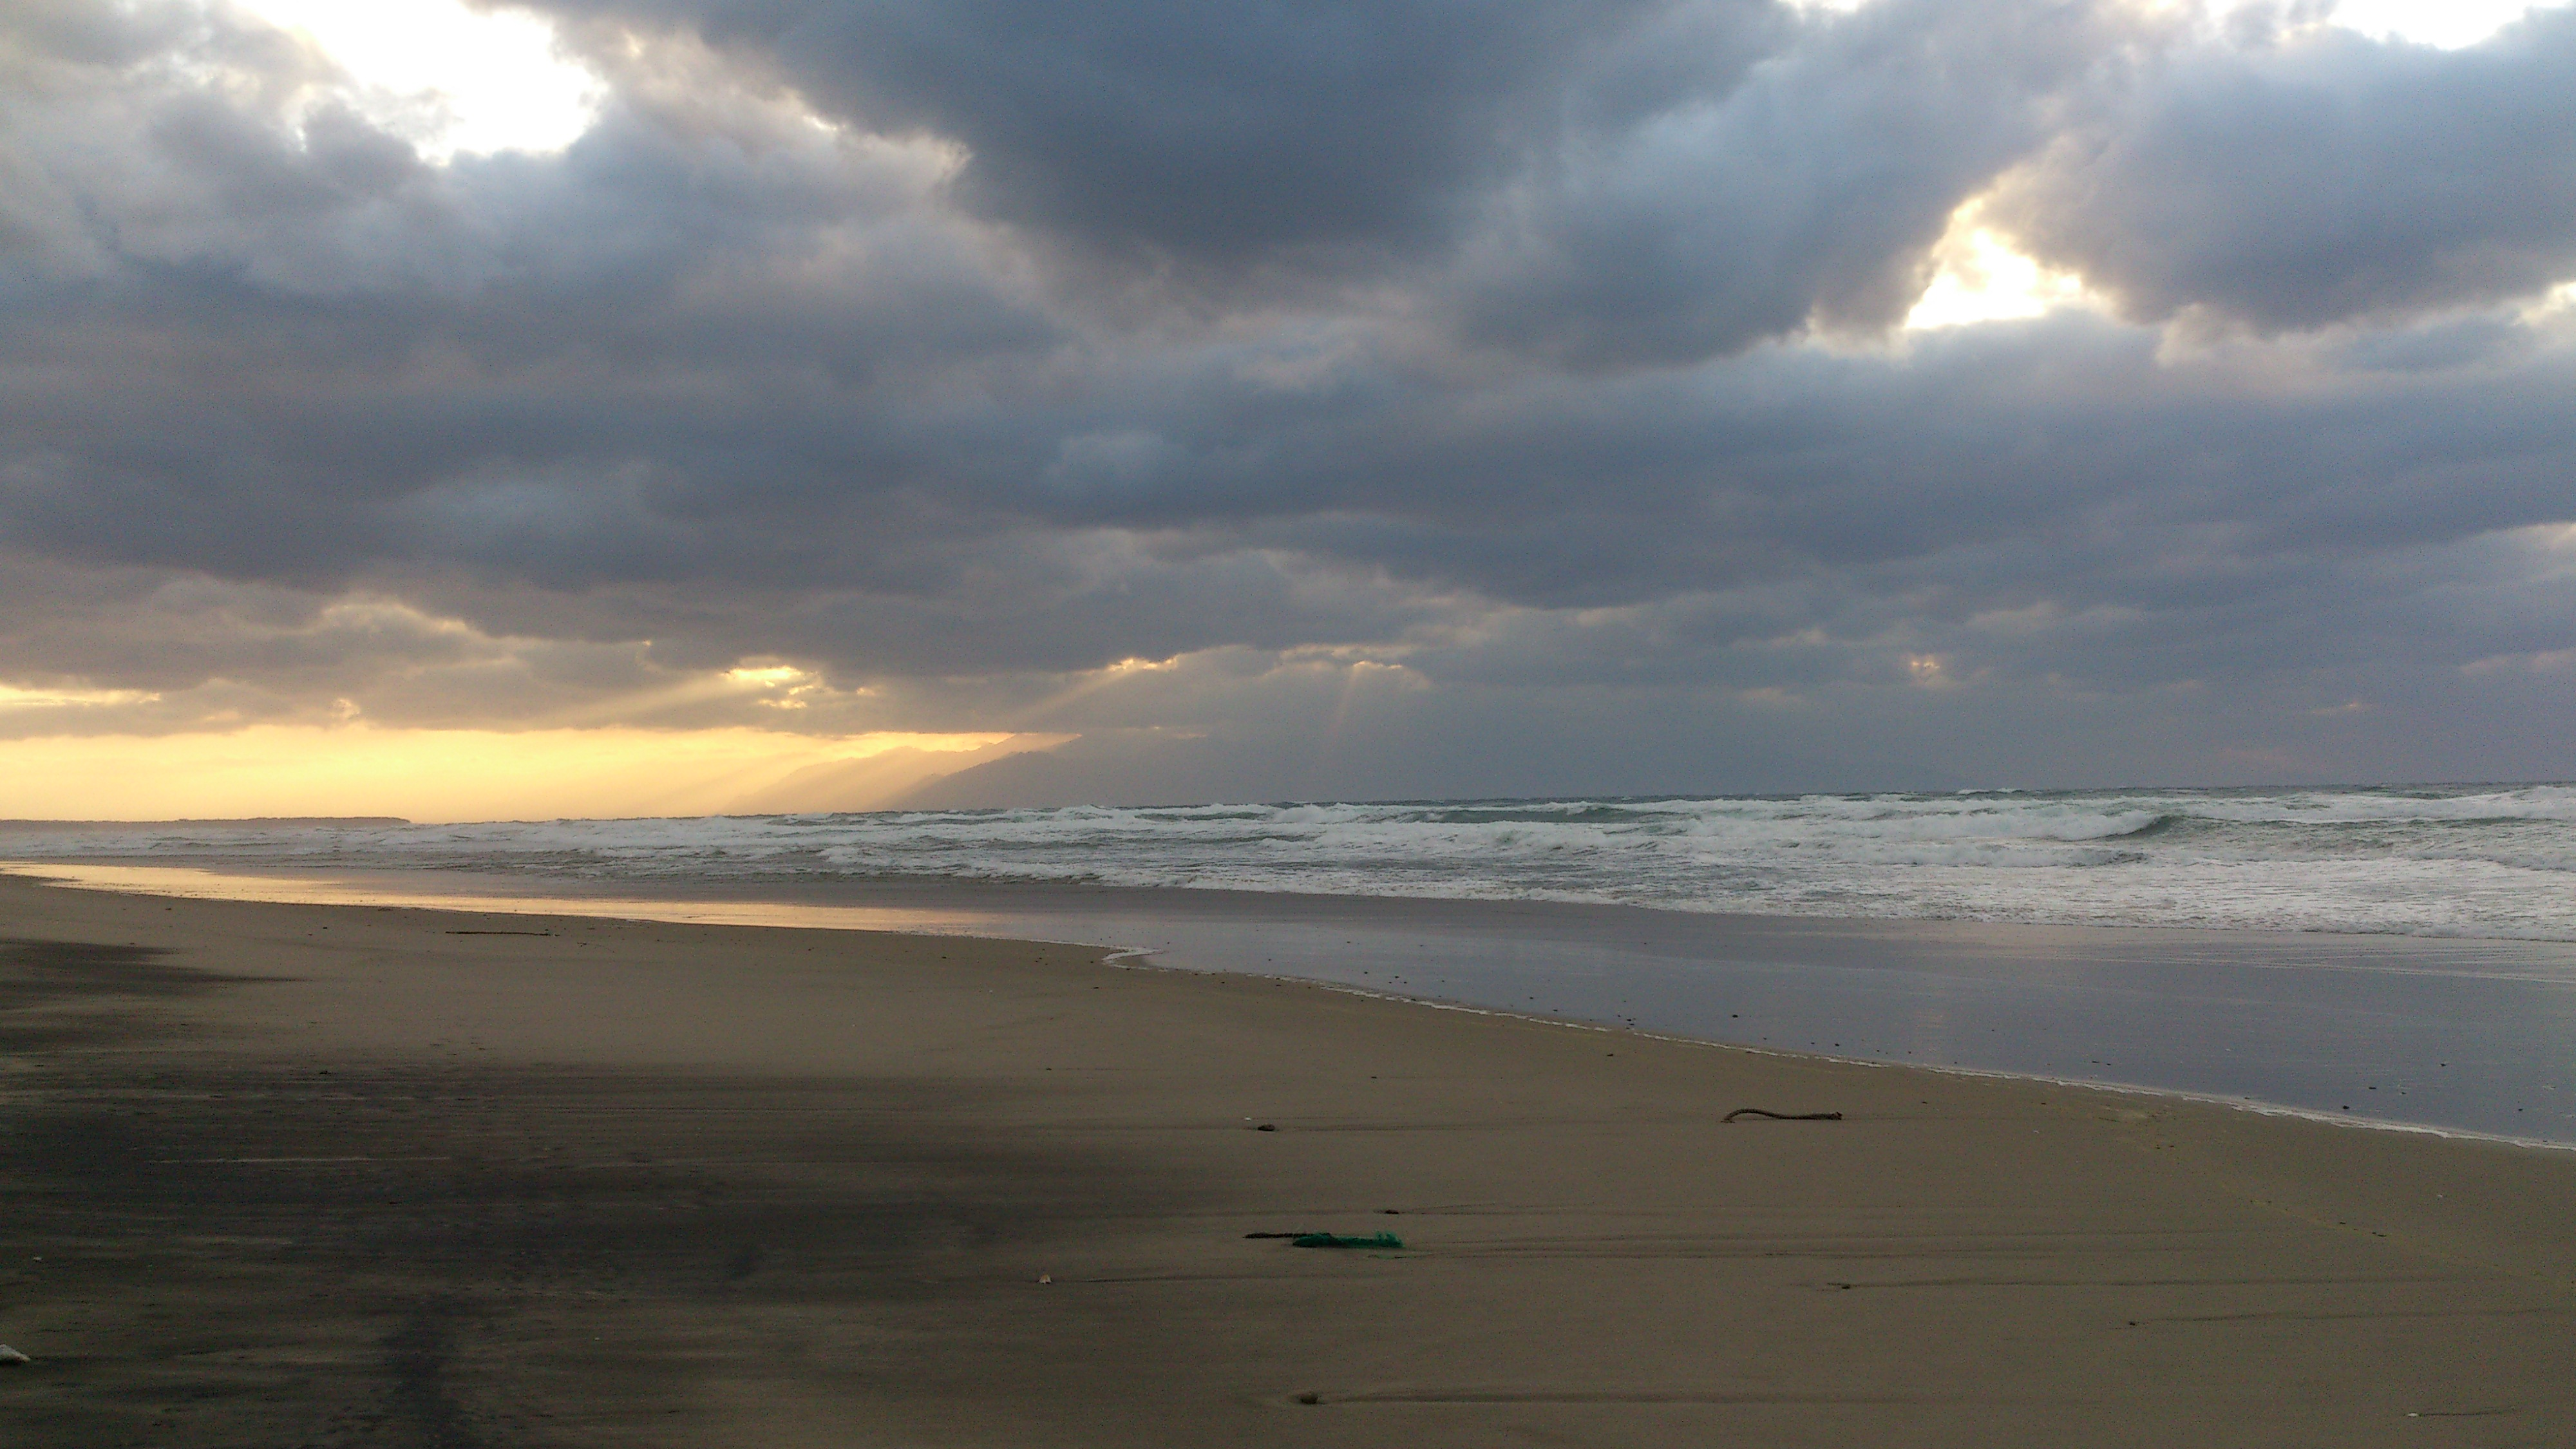 2012年12月。僕は種子島を一人で旅した:まるで僕のためにある景色のよう